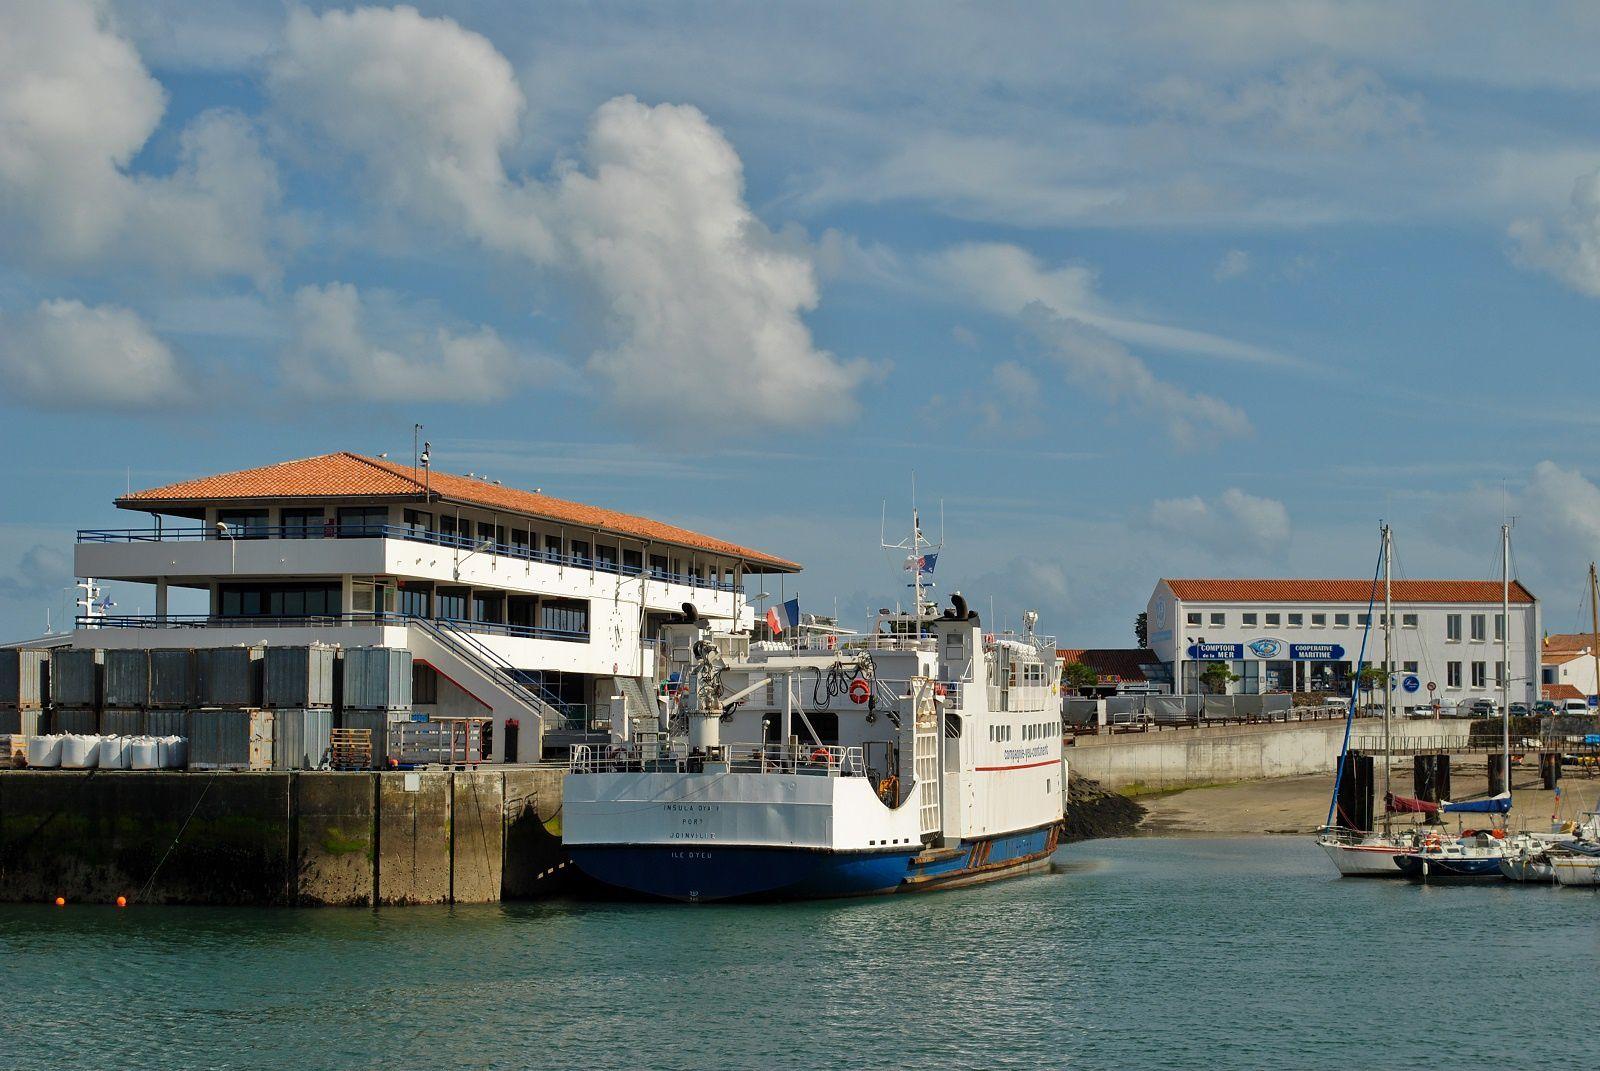 L'Ile d'Yeu: Port Joinville, la gare maritime. (Photo prise le 28.07.2013, rediffusion).